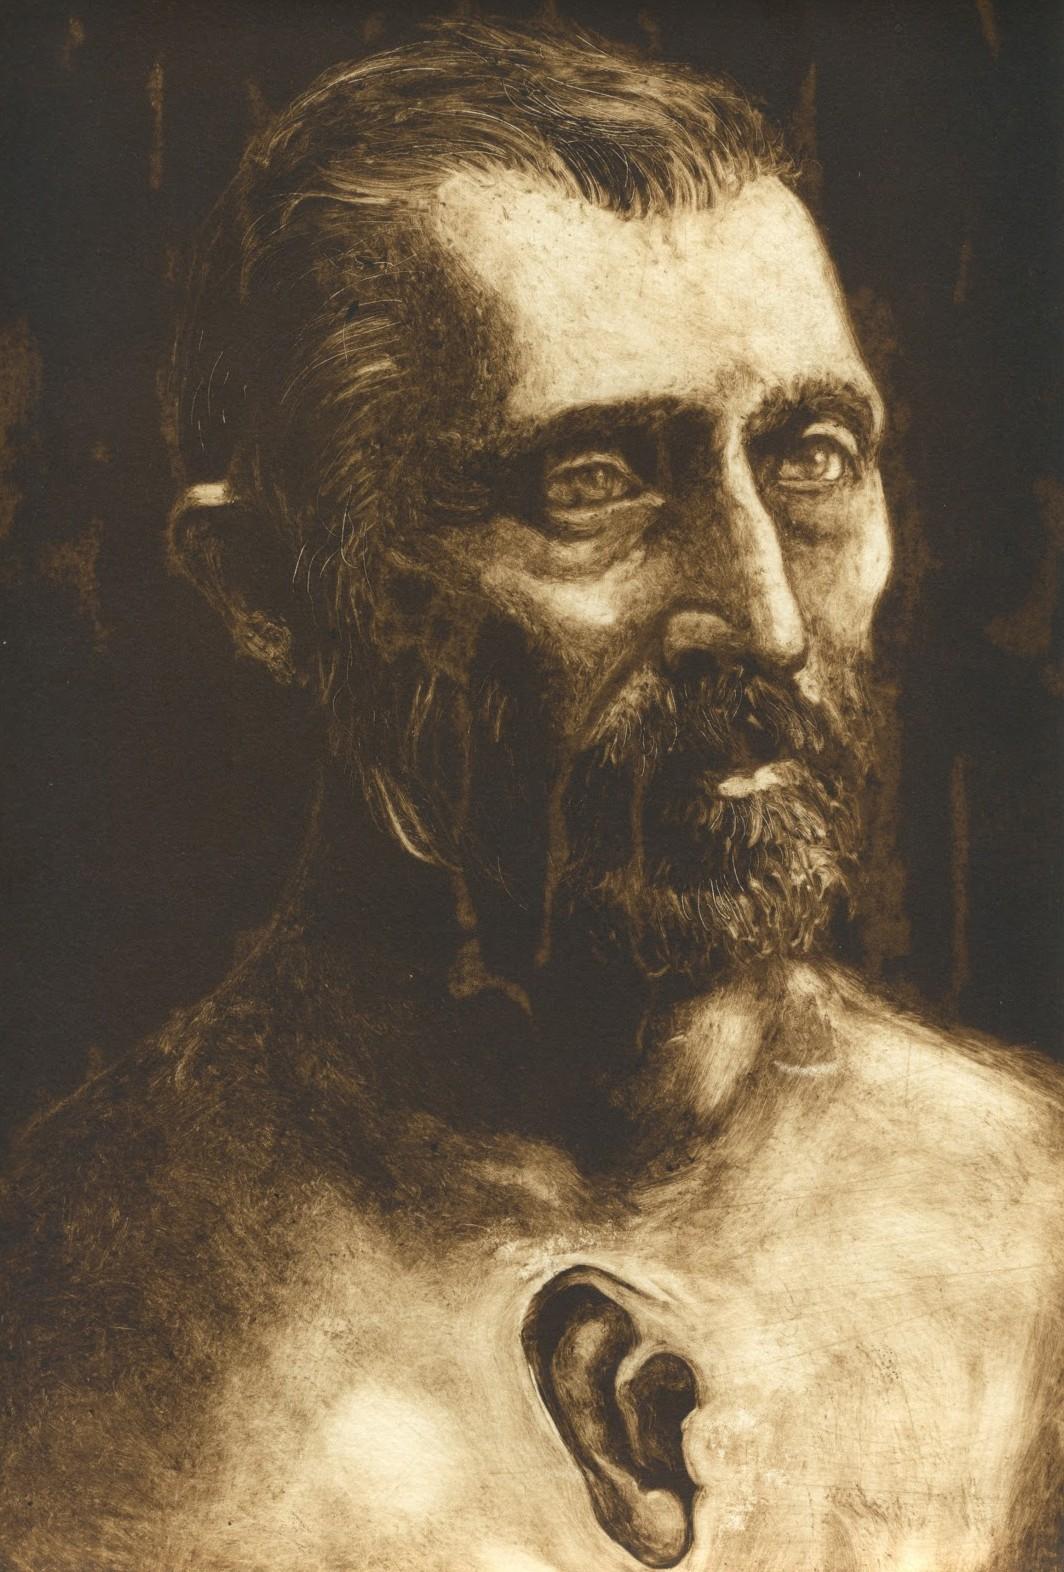 татуированные художники, Винсент Гог